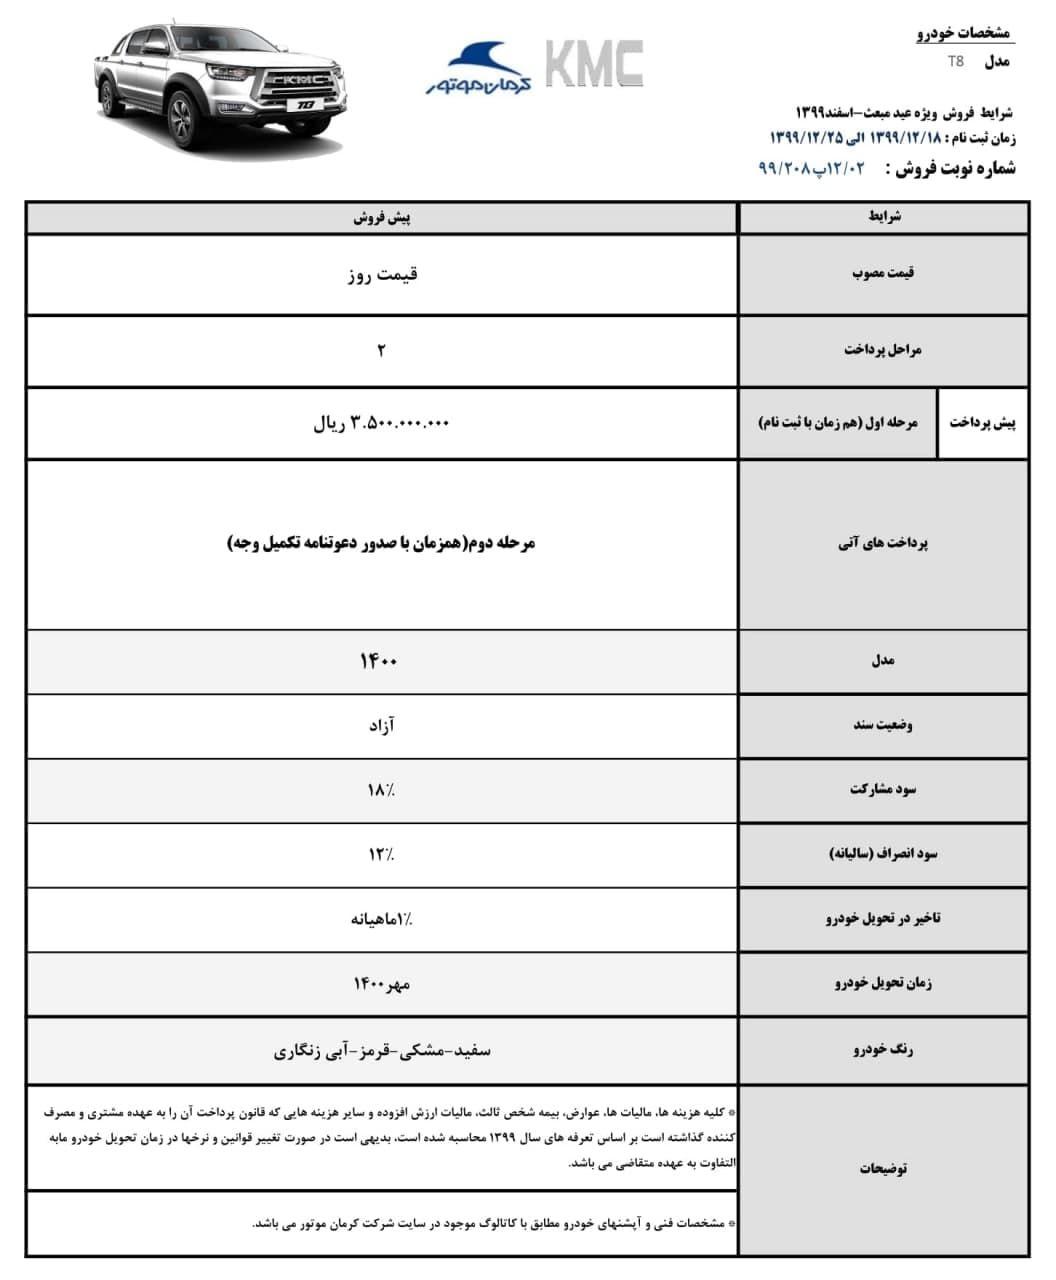 شرایط فروش نقد و اقساط جک T8 و جک S3 با مدل 1400